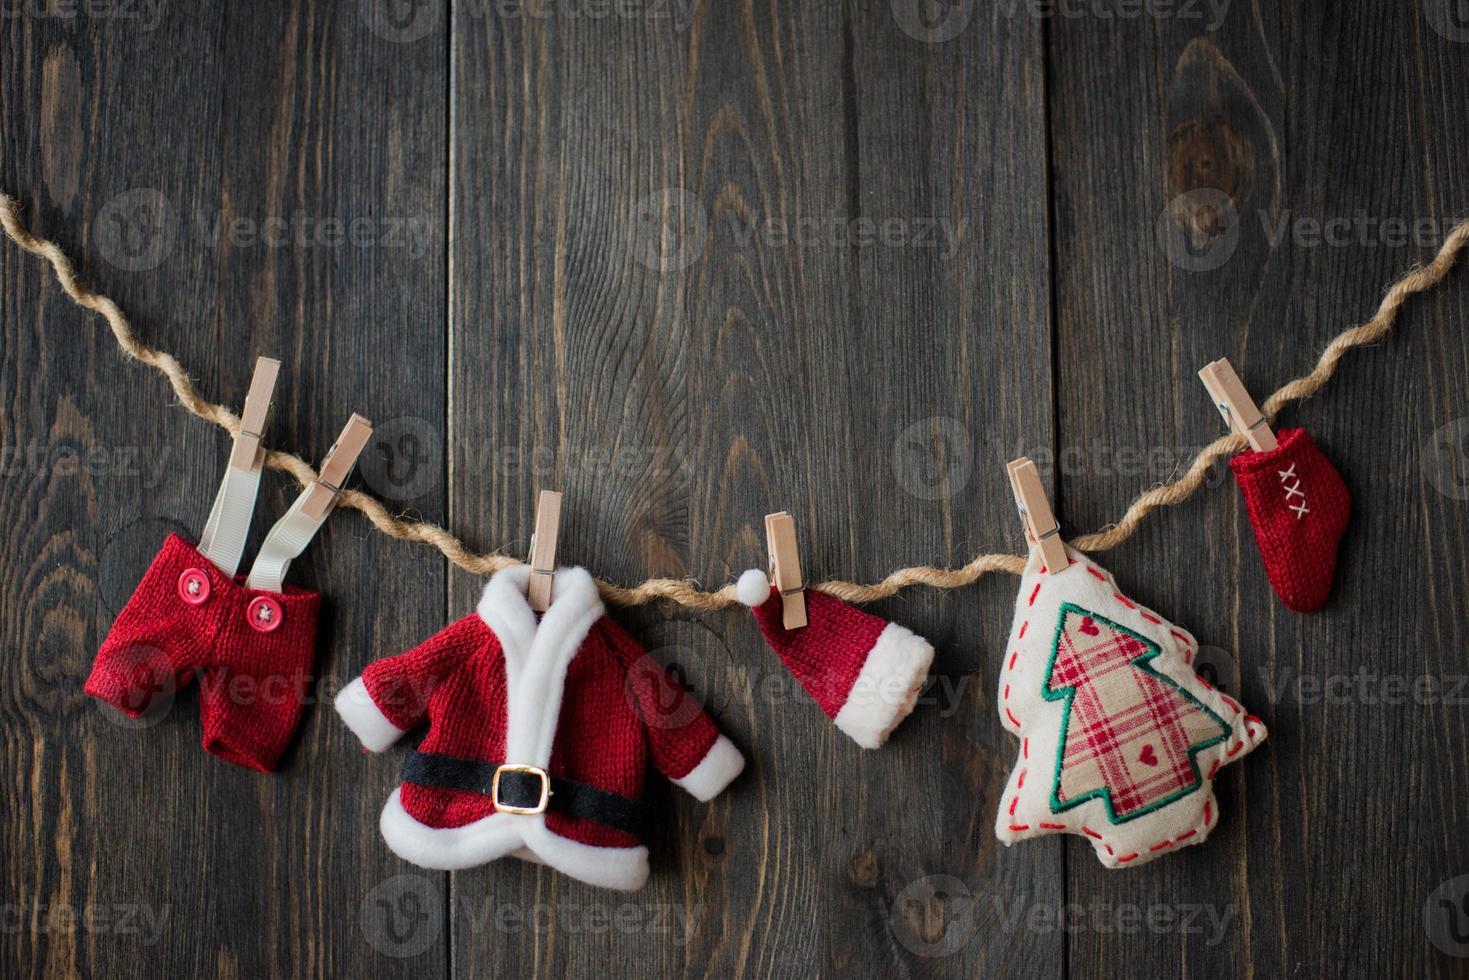 Weihnachtsdekoration über hölzernem Hintergrund foto